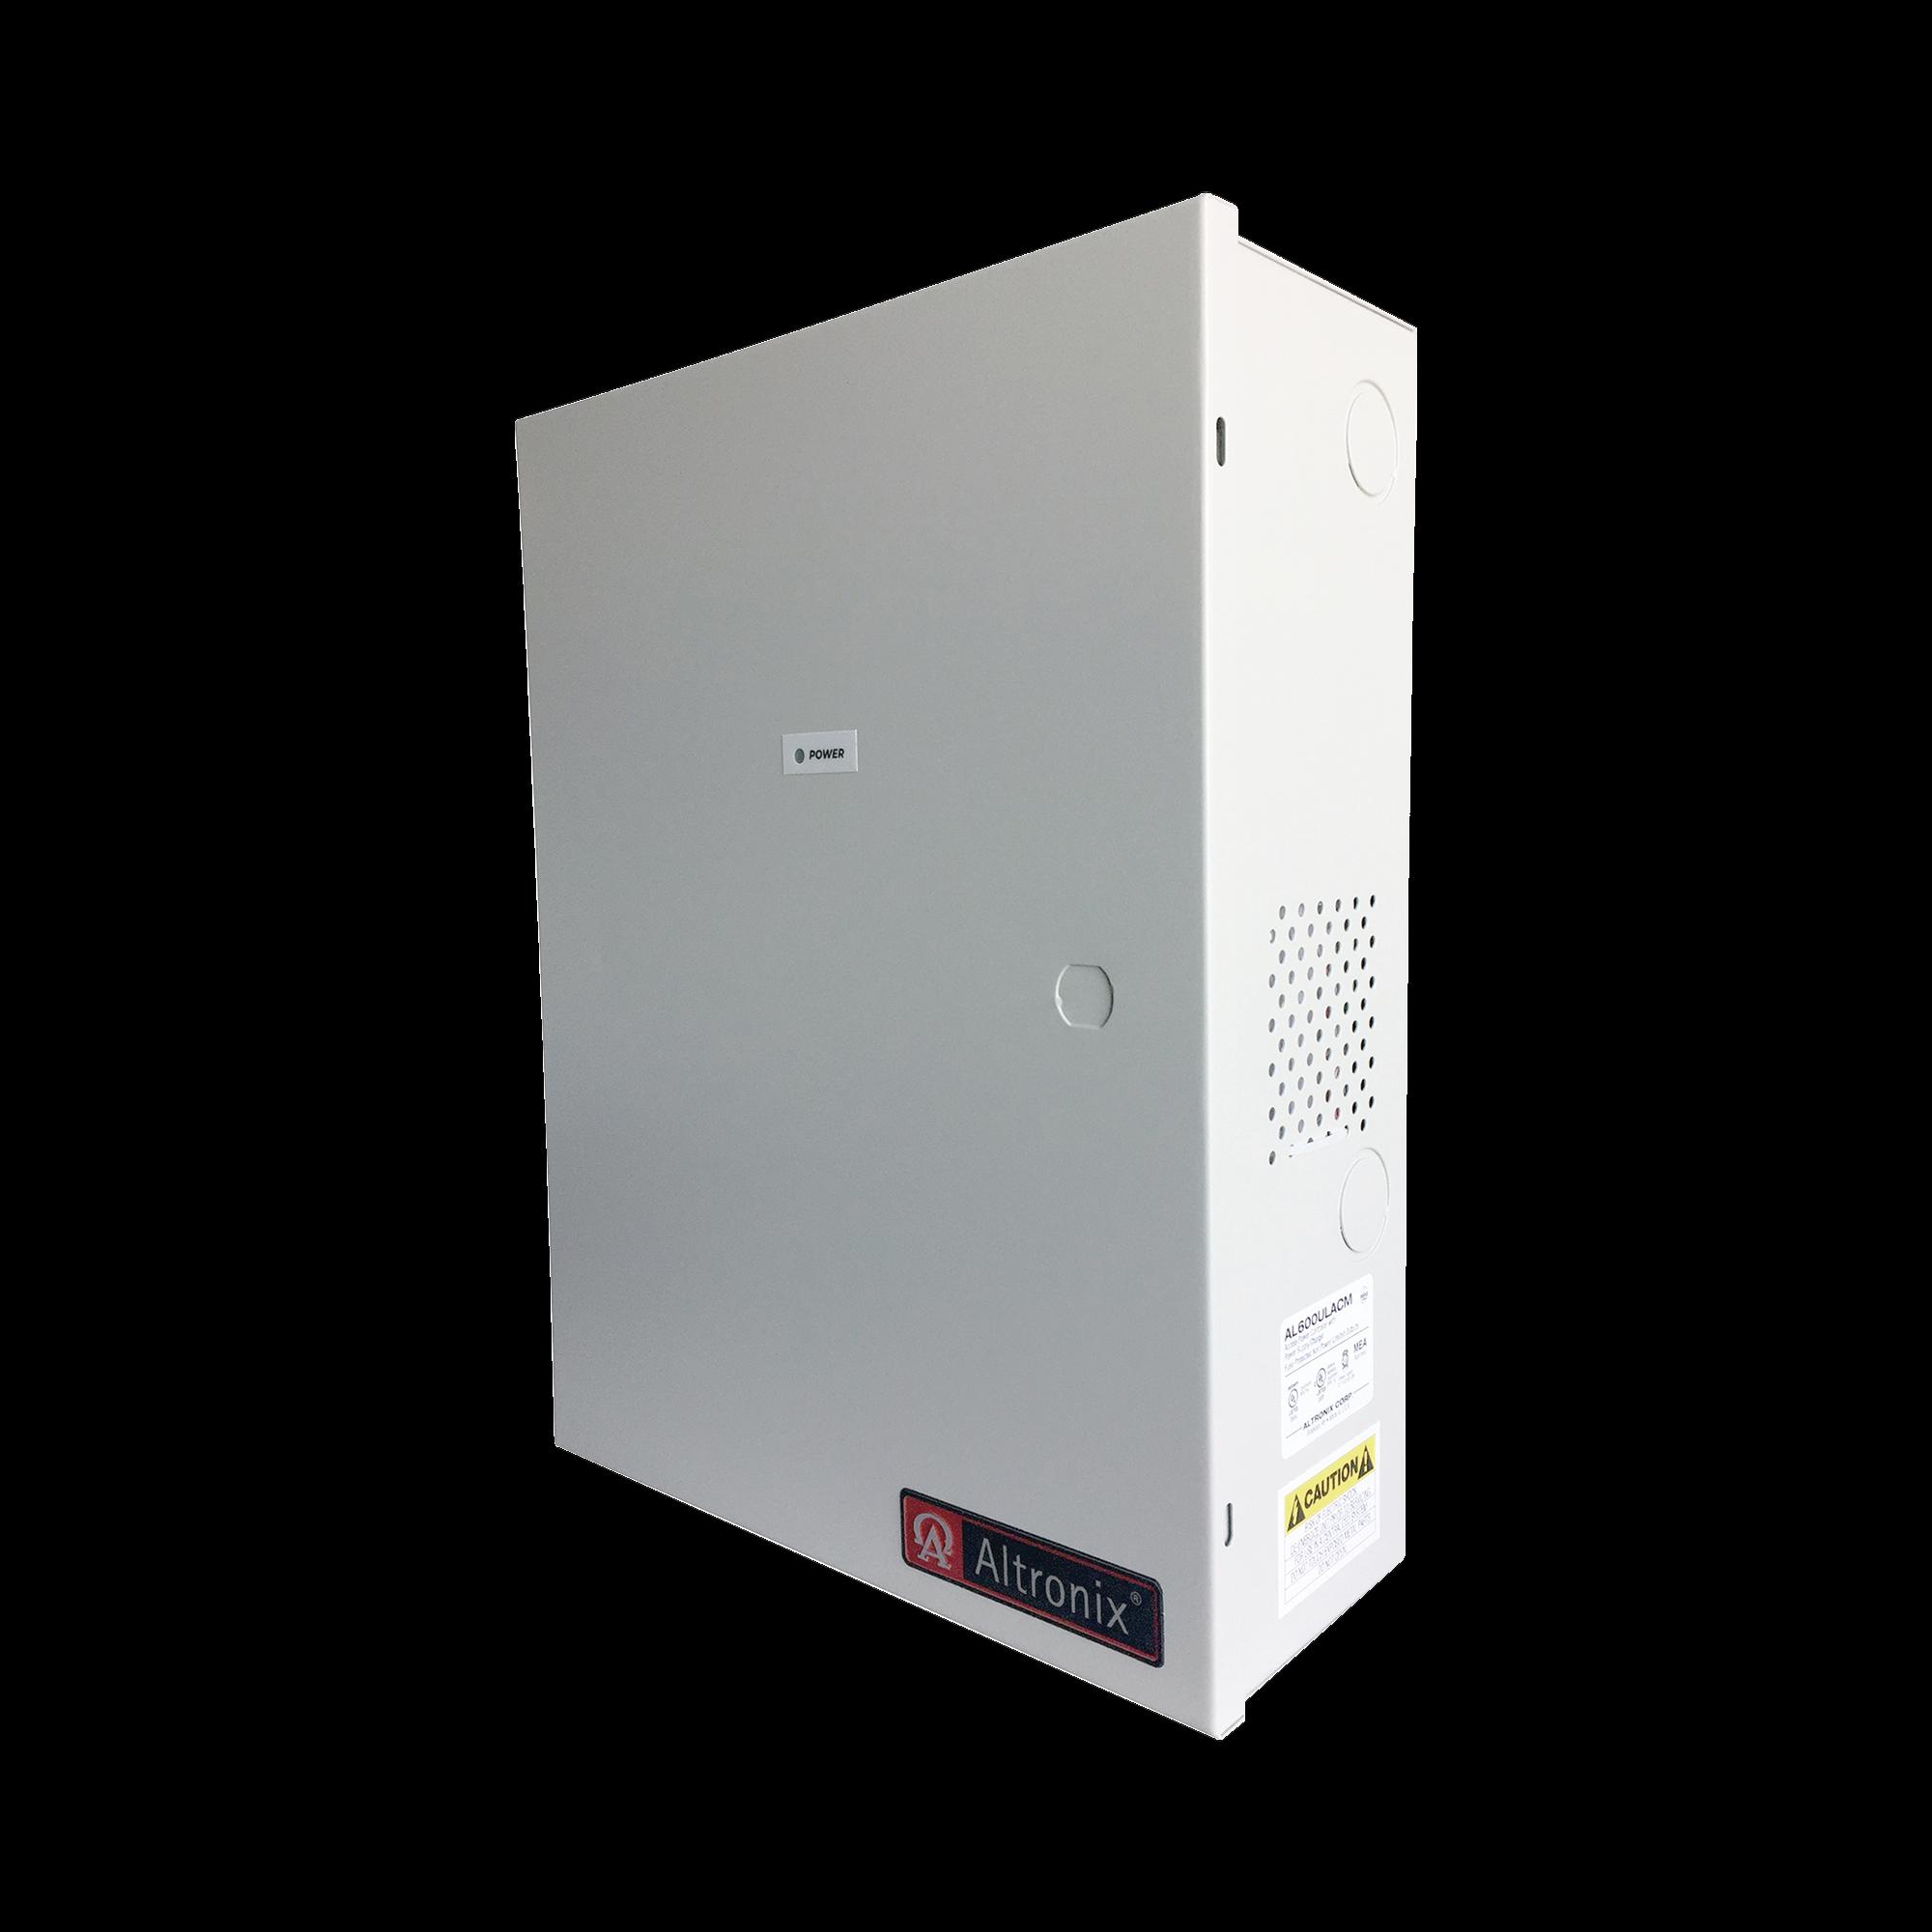 Fuente de poder ALTRONIX de 12/24 Vcd @ 6 Amper, con capacidad de respaldo, 8 salidas, con voltaje de entrada de 115 Vca